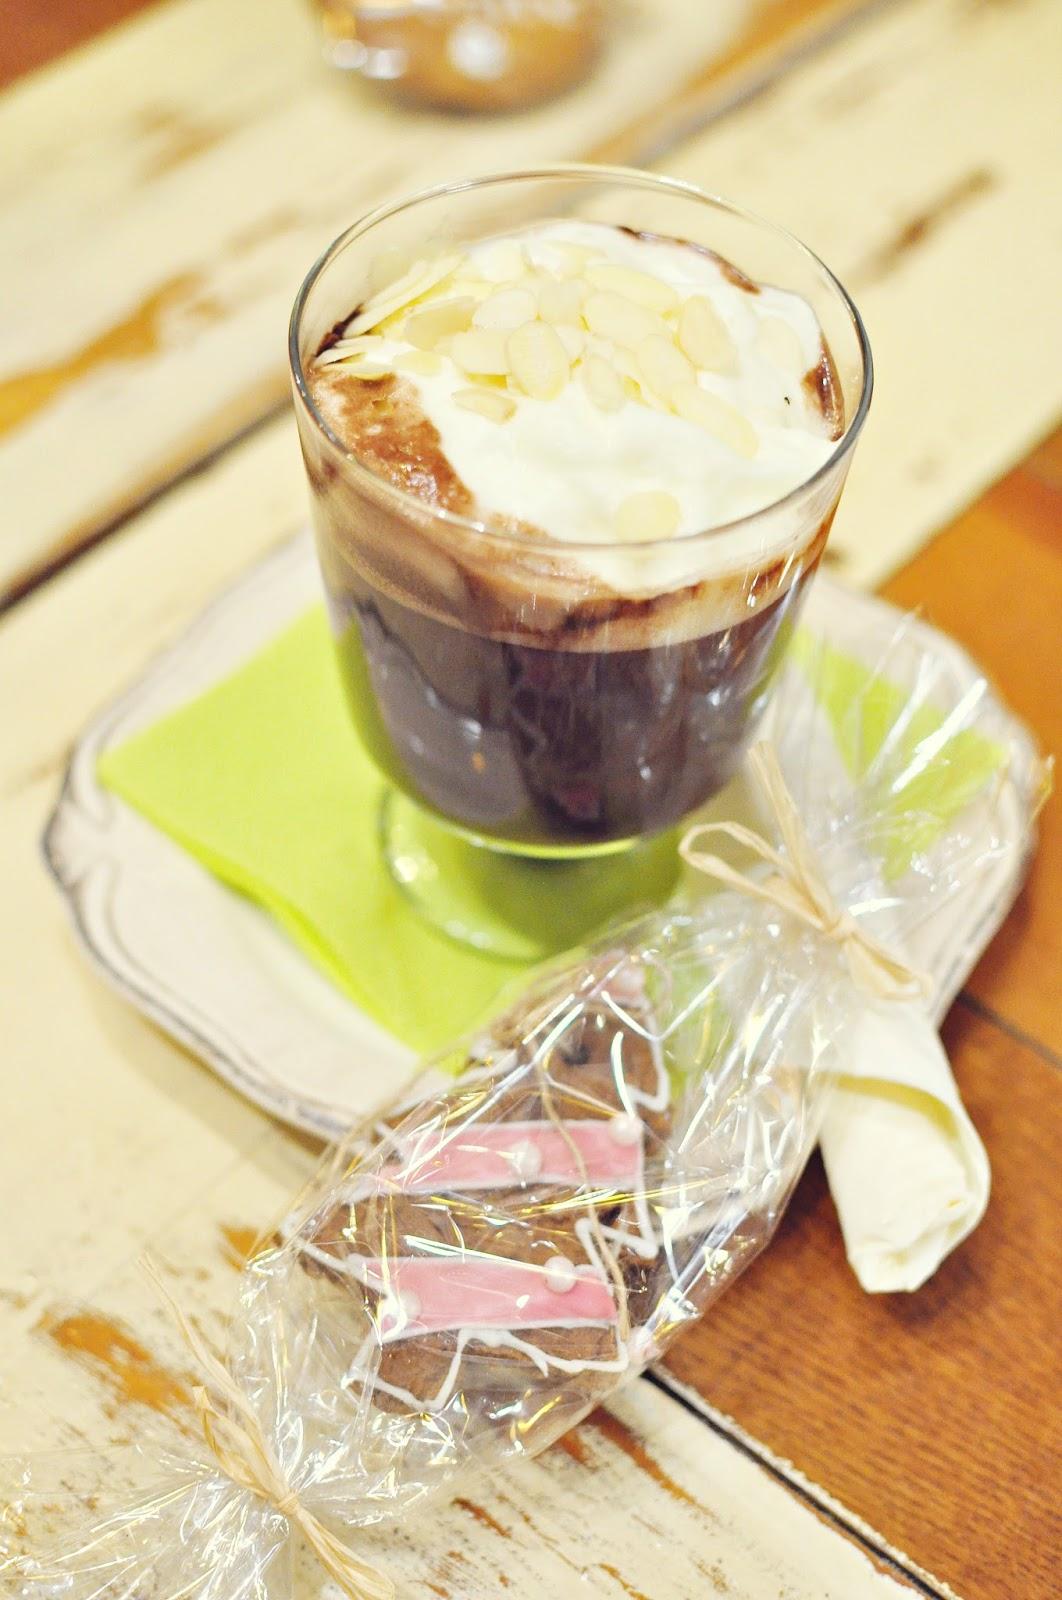 pierniczki_choinka_czekolada